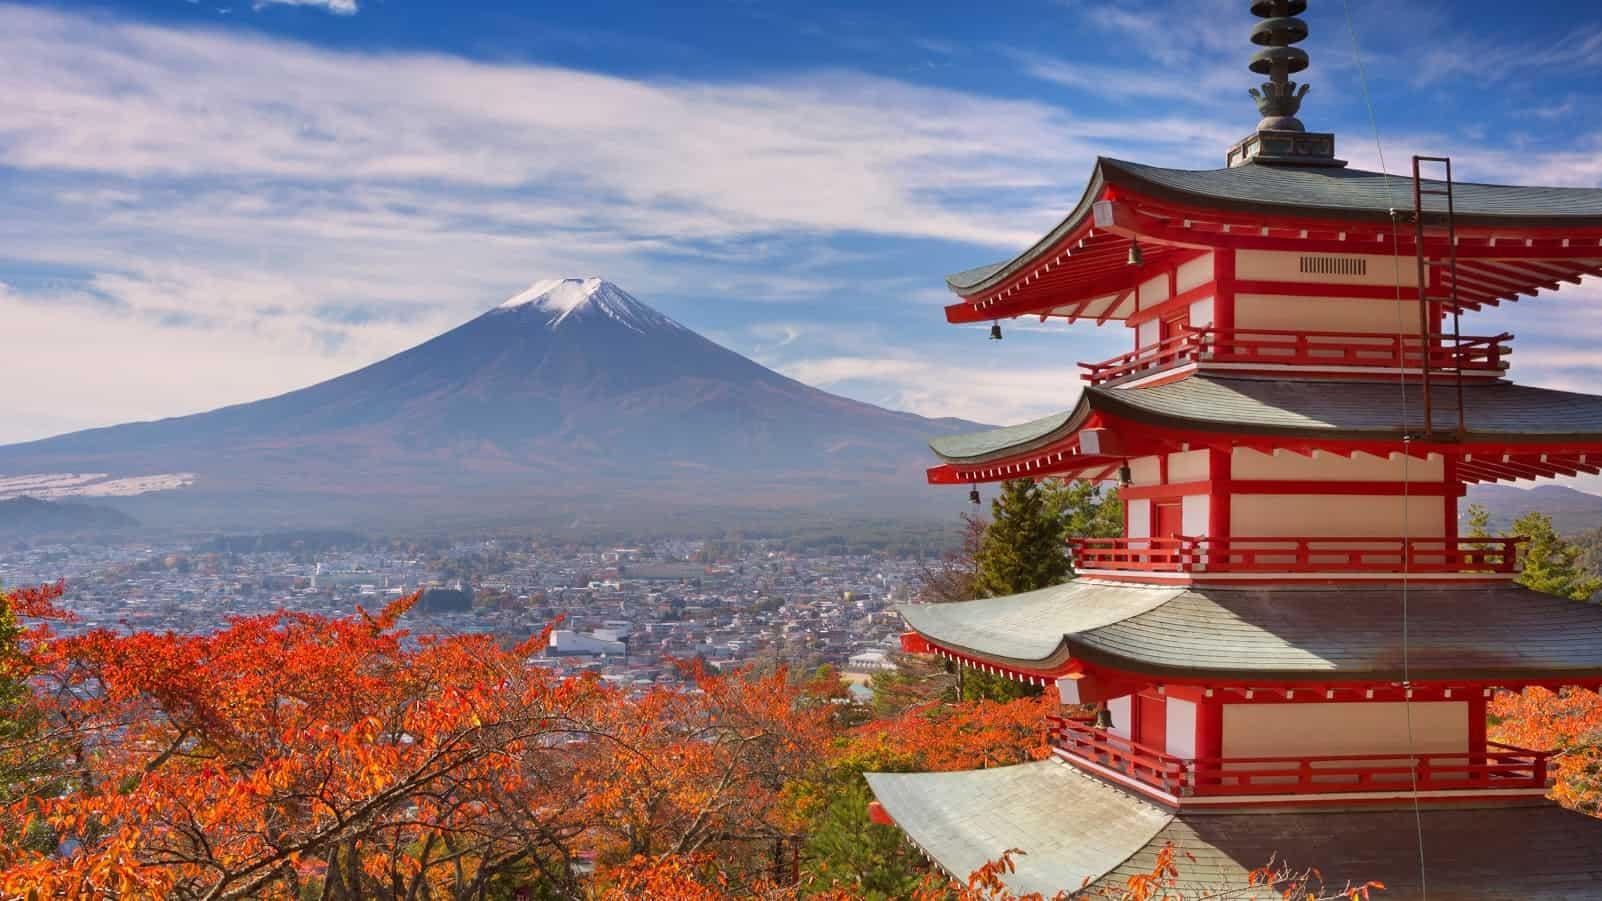 Du-lich-Nhat-Ban-Fuji